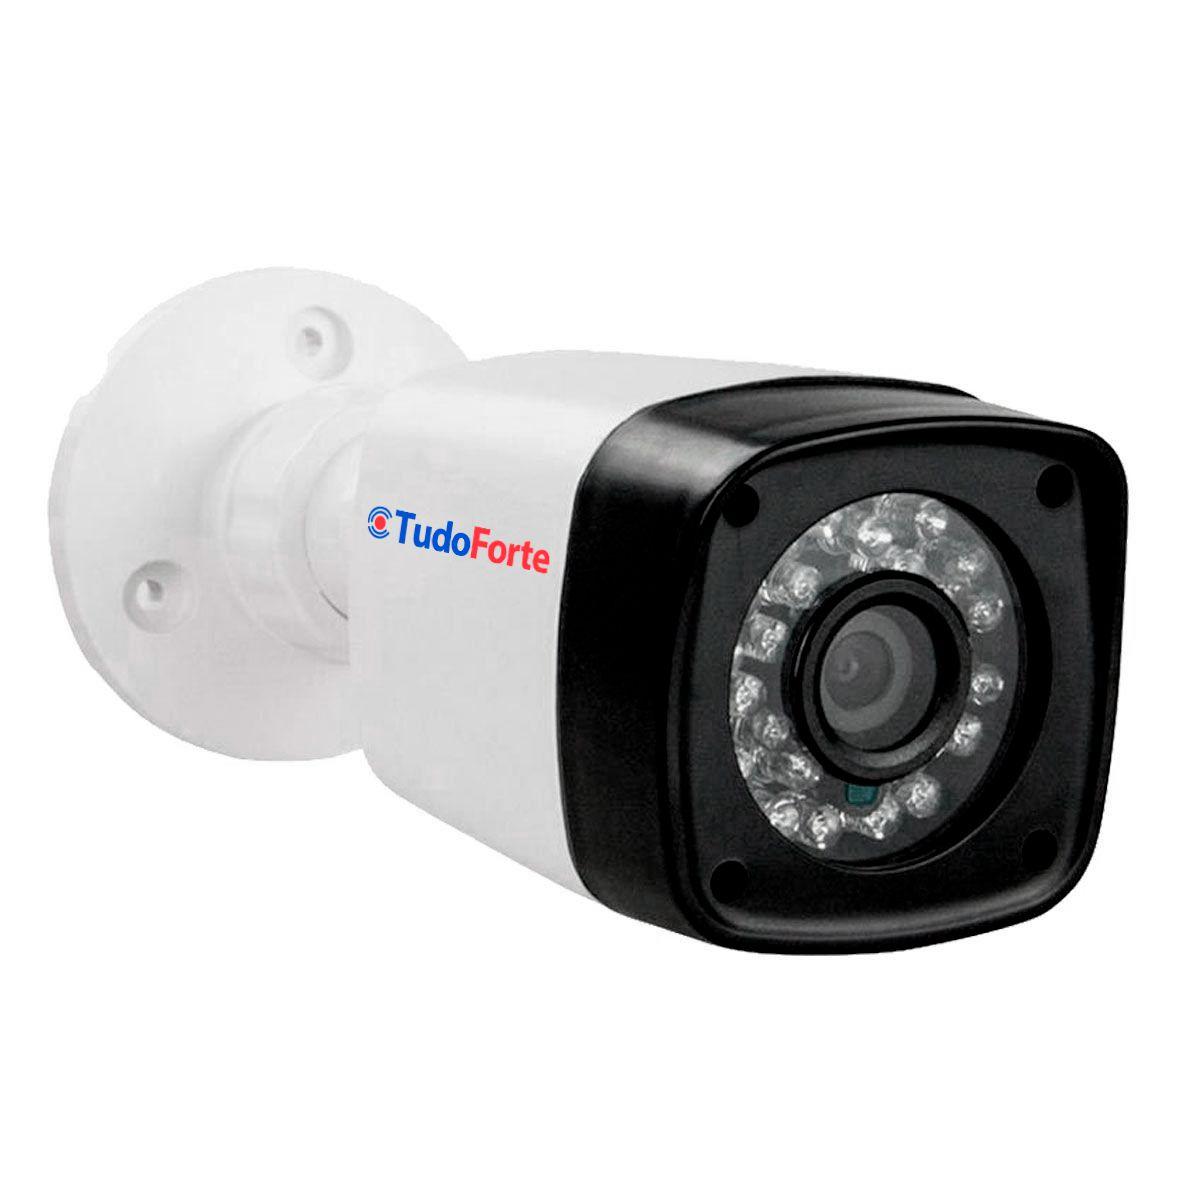 Kit 10 Câmeras + DVR Intelbras + HD 1 TB + App de Monitoramento, Câmeras HD 720p 20m Infravermelho de Visão Noturna + Fonte, Cabos e Acessórios  - Tudo Forte